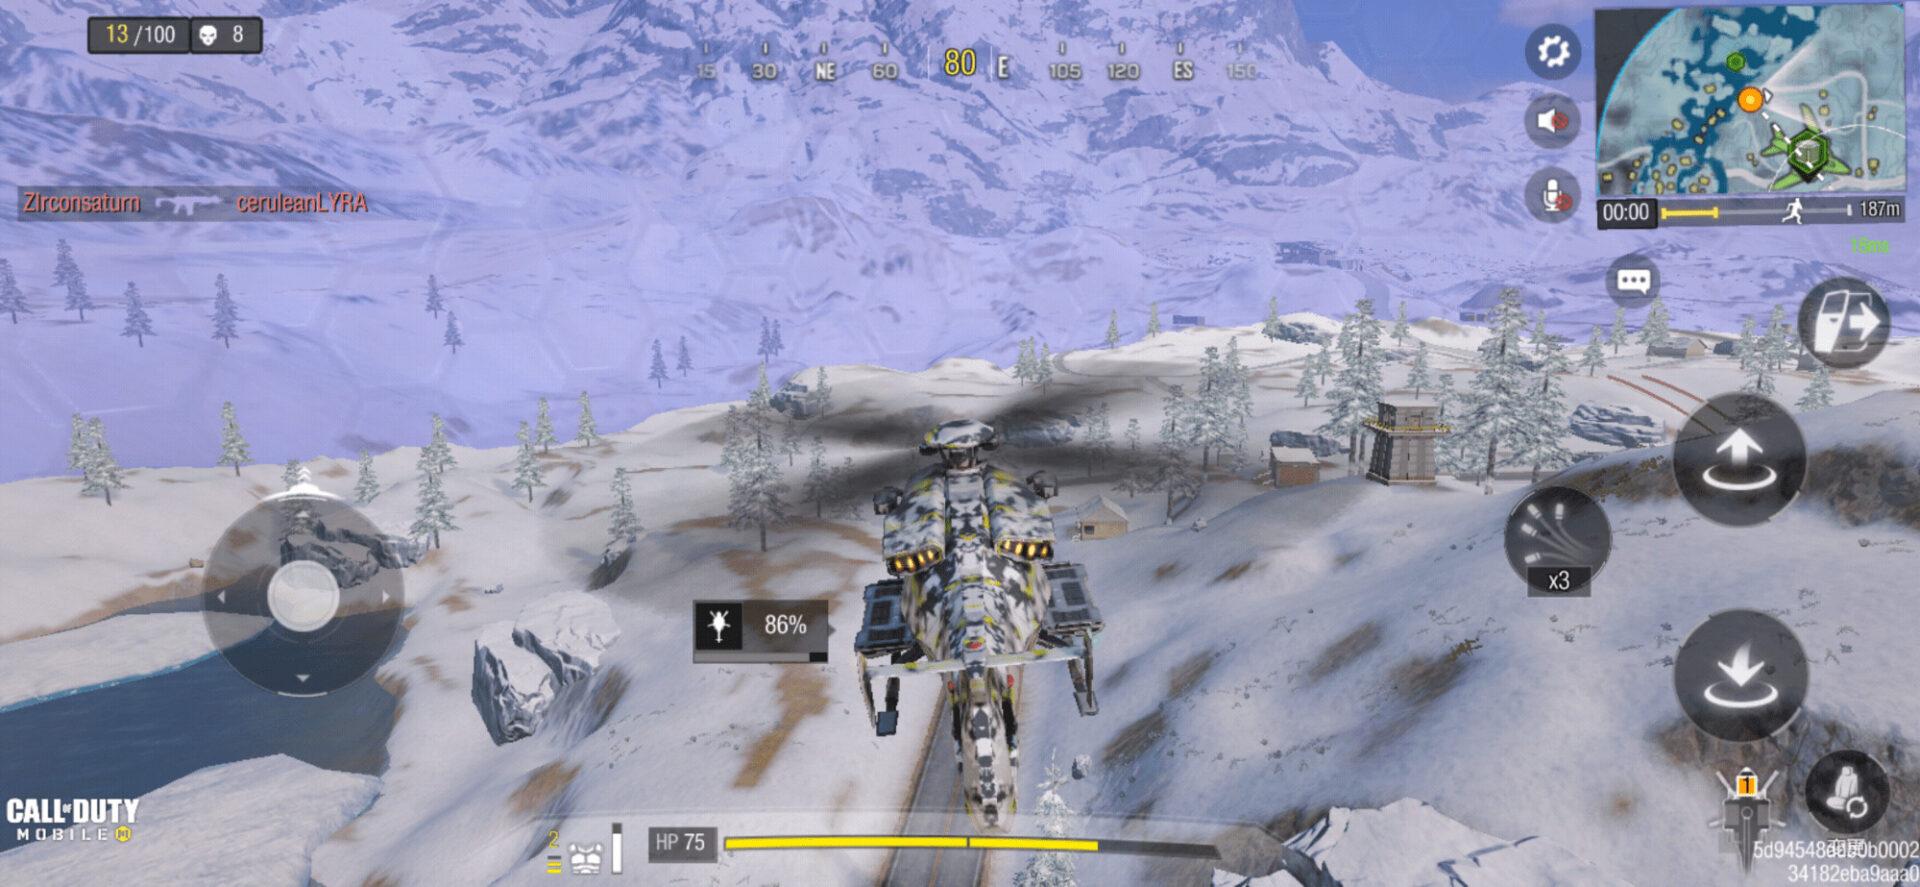 Call of Duty®: Mobileのバトルロイヤルでヘリコプターを操縦している様子